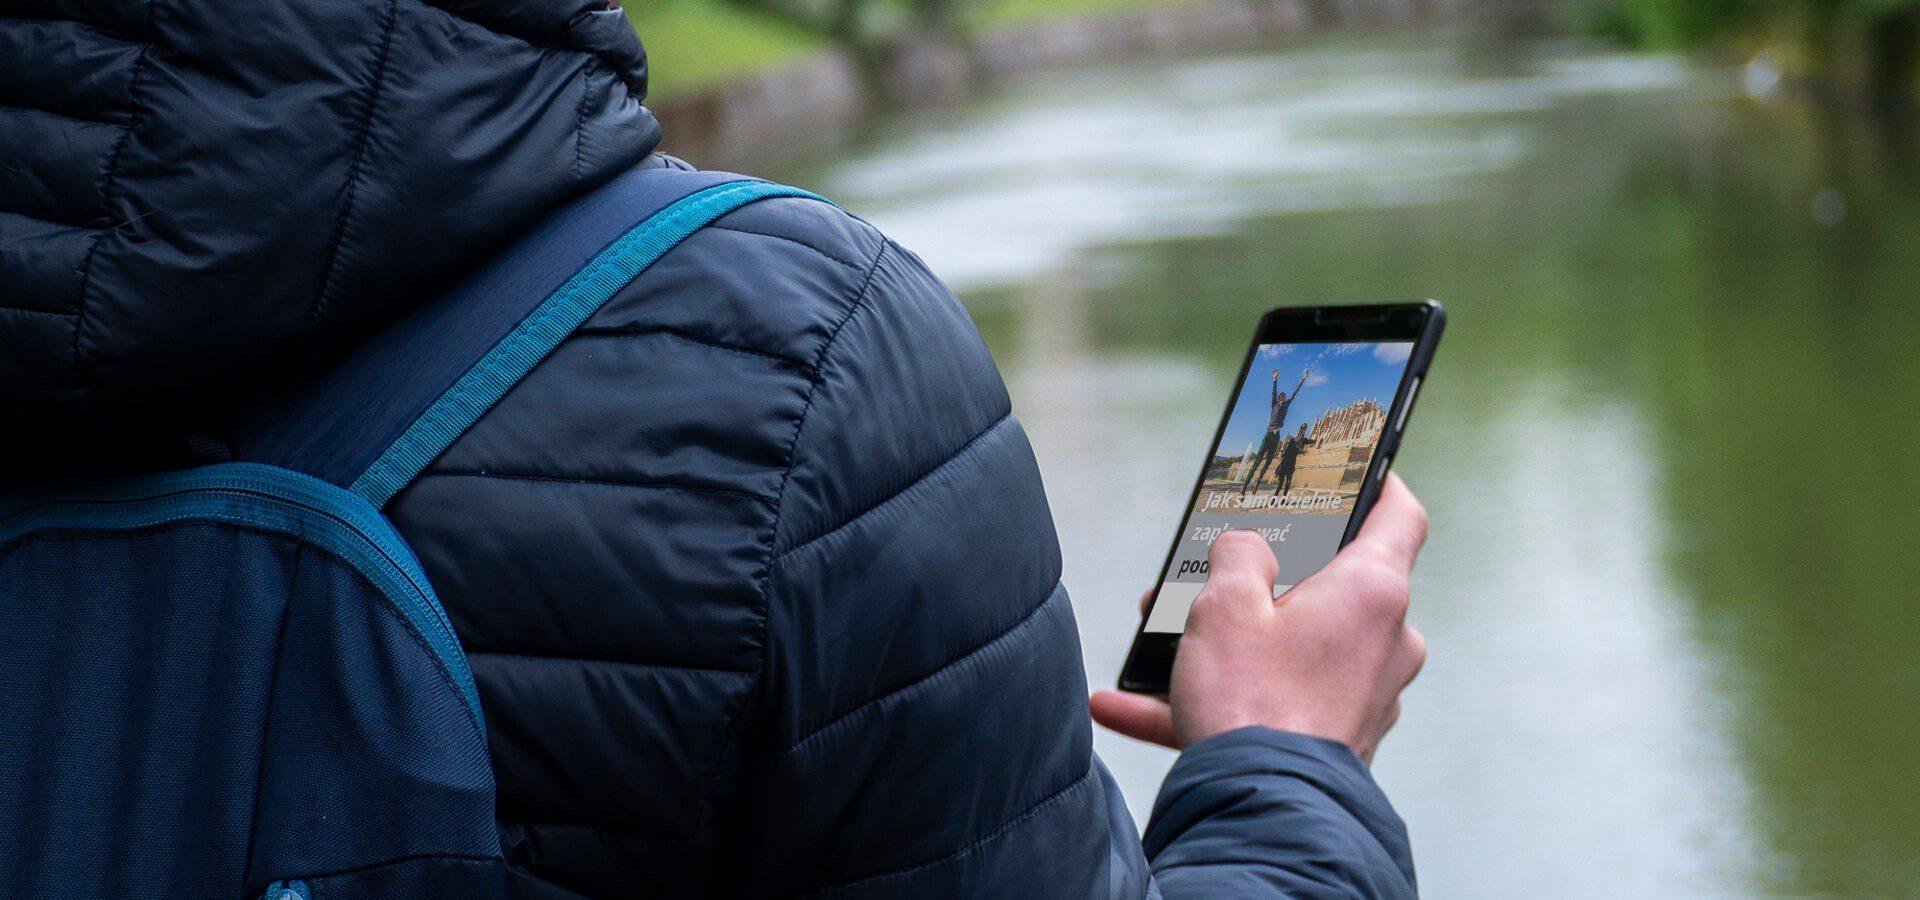 Wielka lista 62 najlepszych aplikacji dla podróżników (2020)